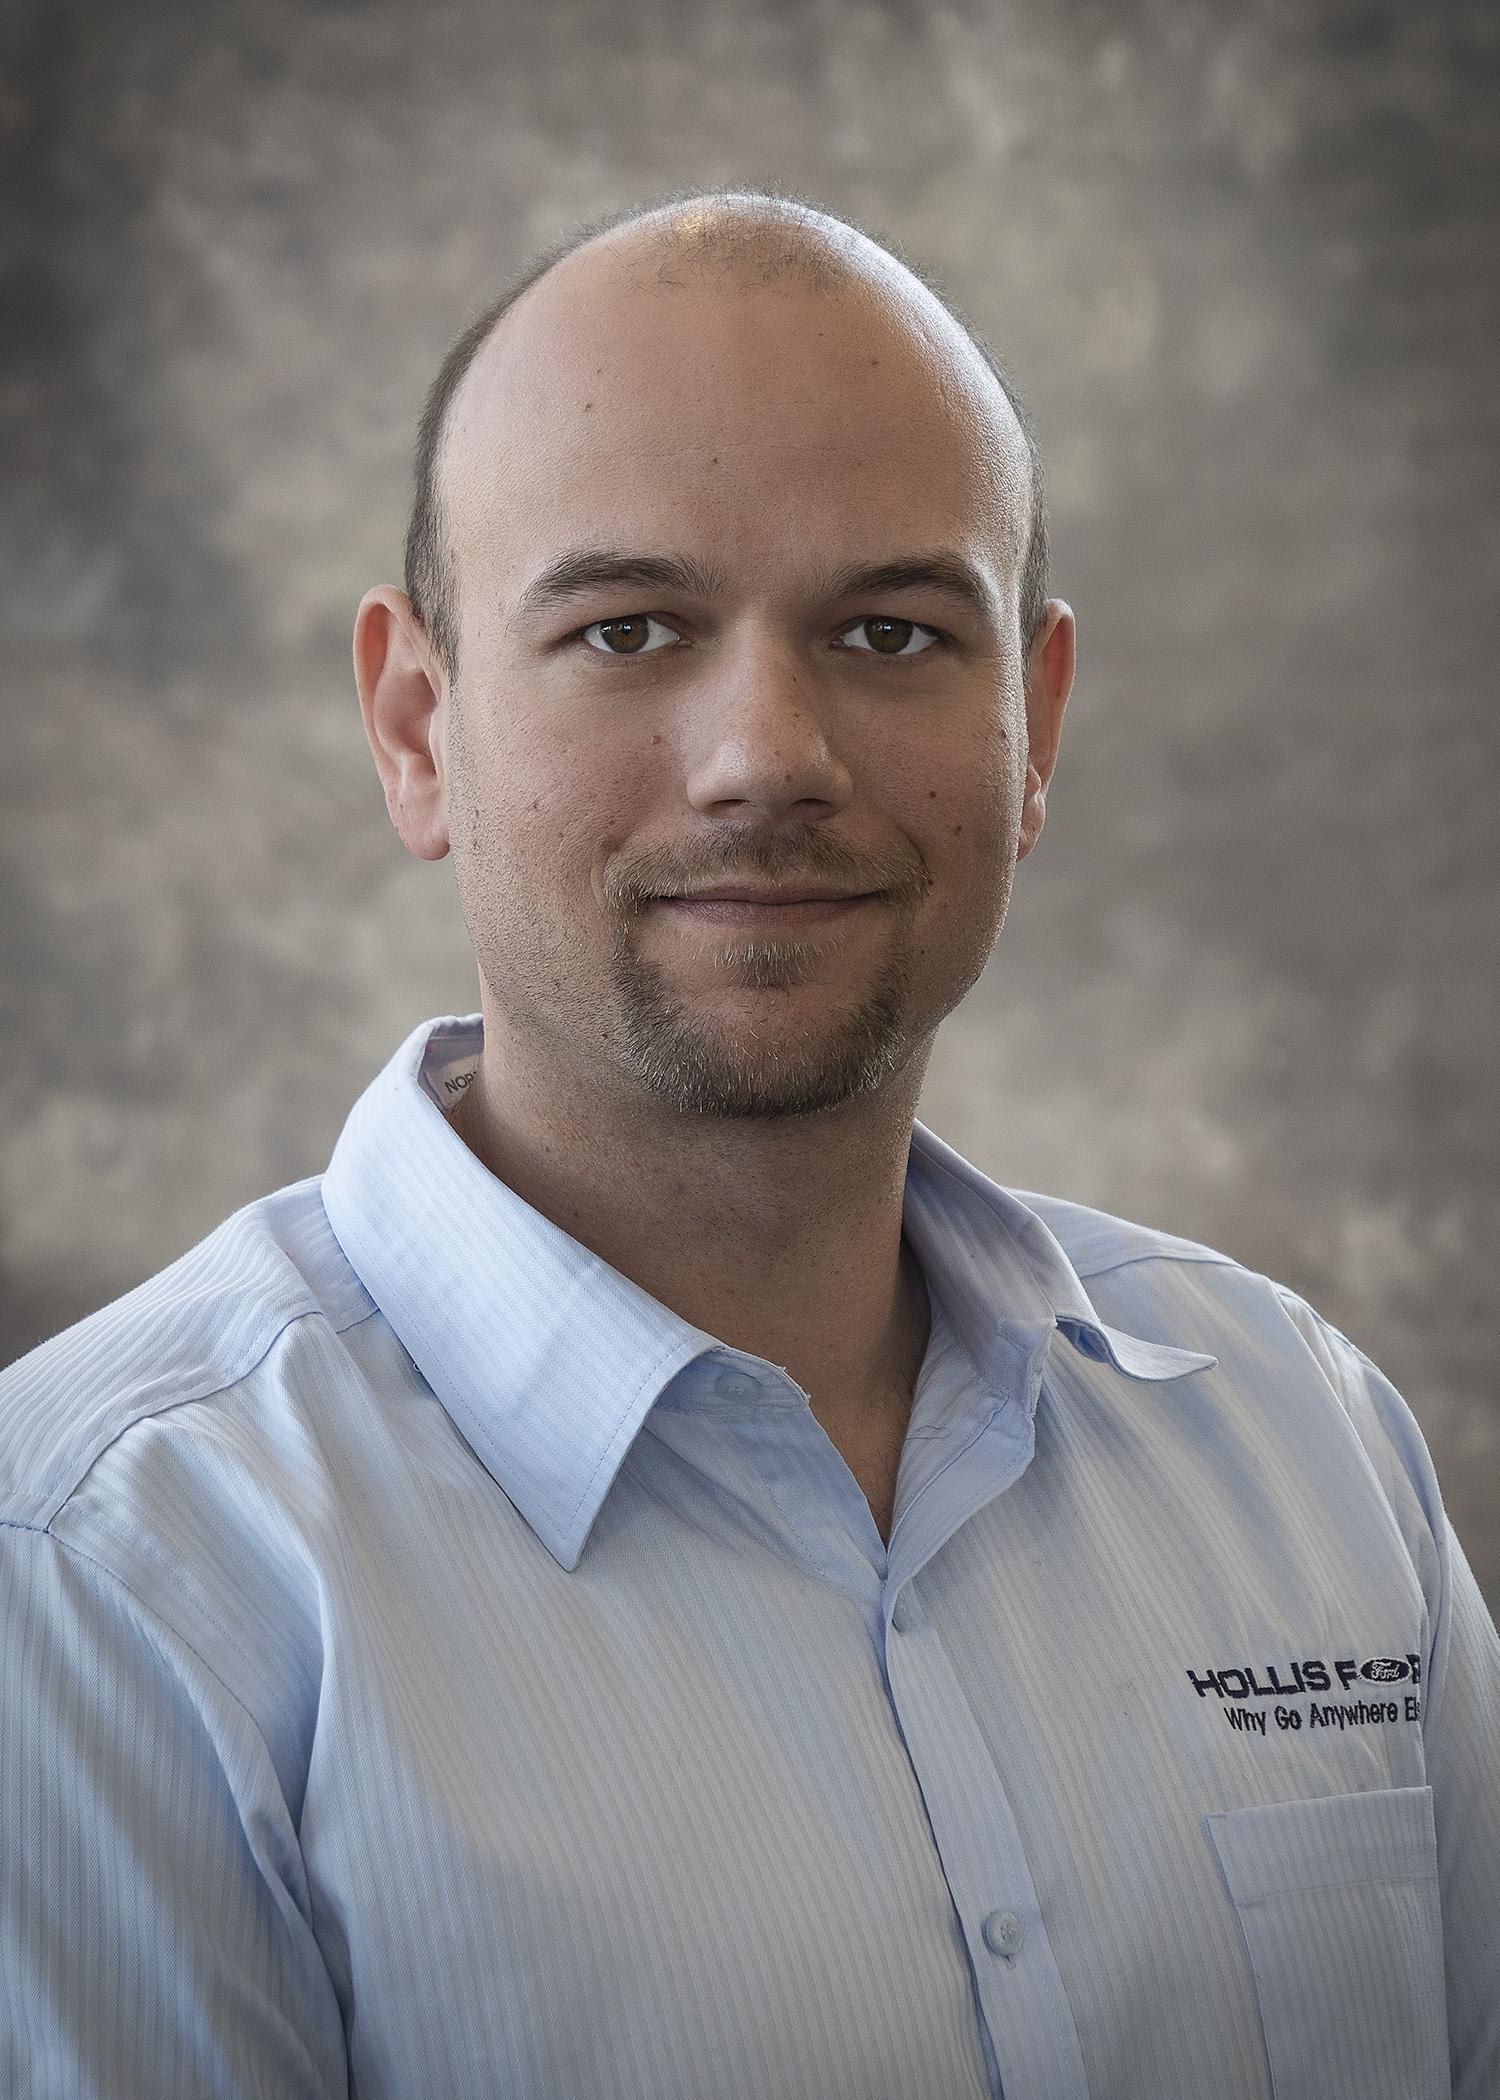 Jake Kaminski